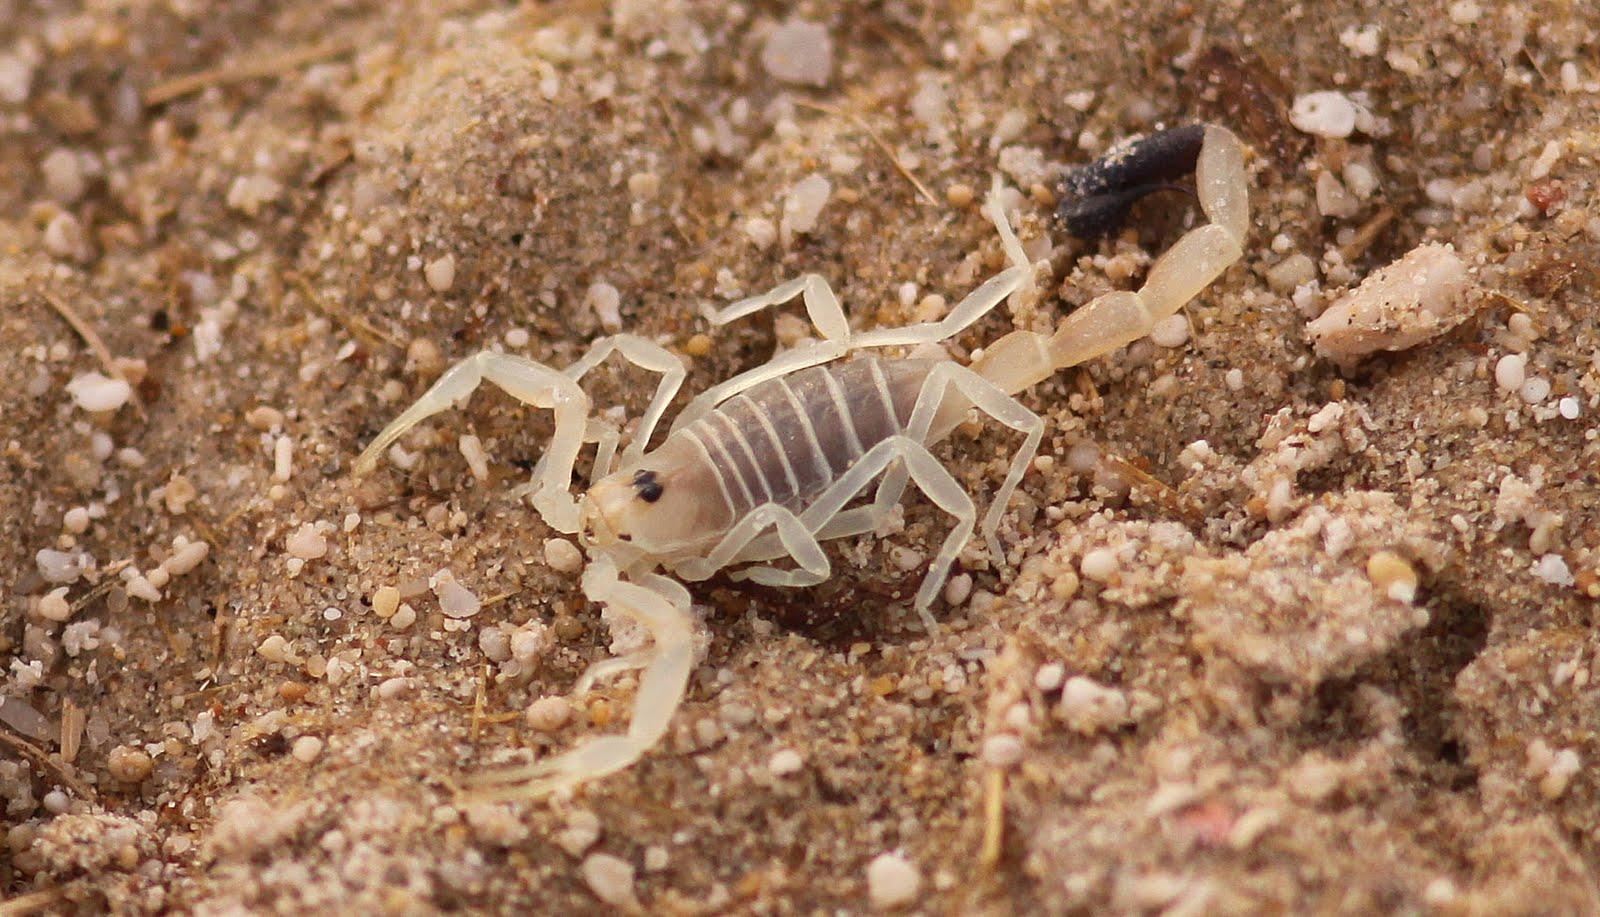 Veleno di ape serpente o scorpione potenziale trattamento per il cancro - Cancro e scorpione a letto ...